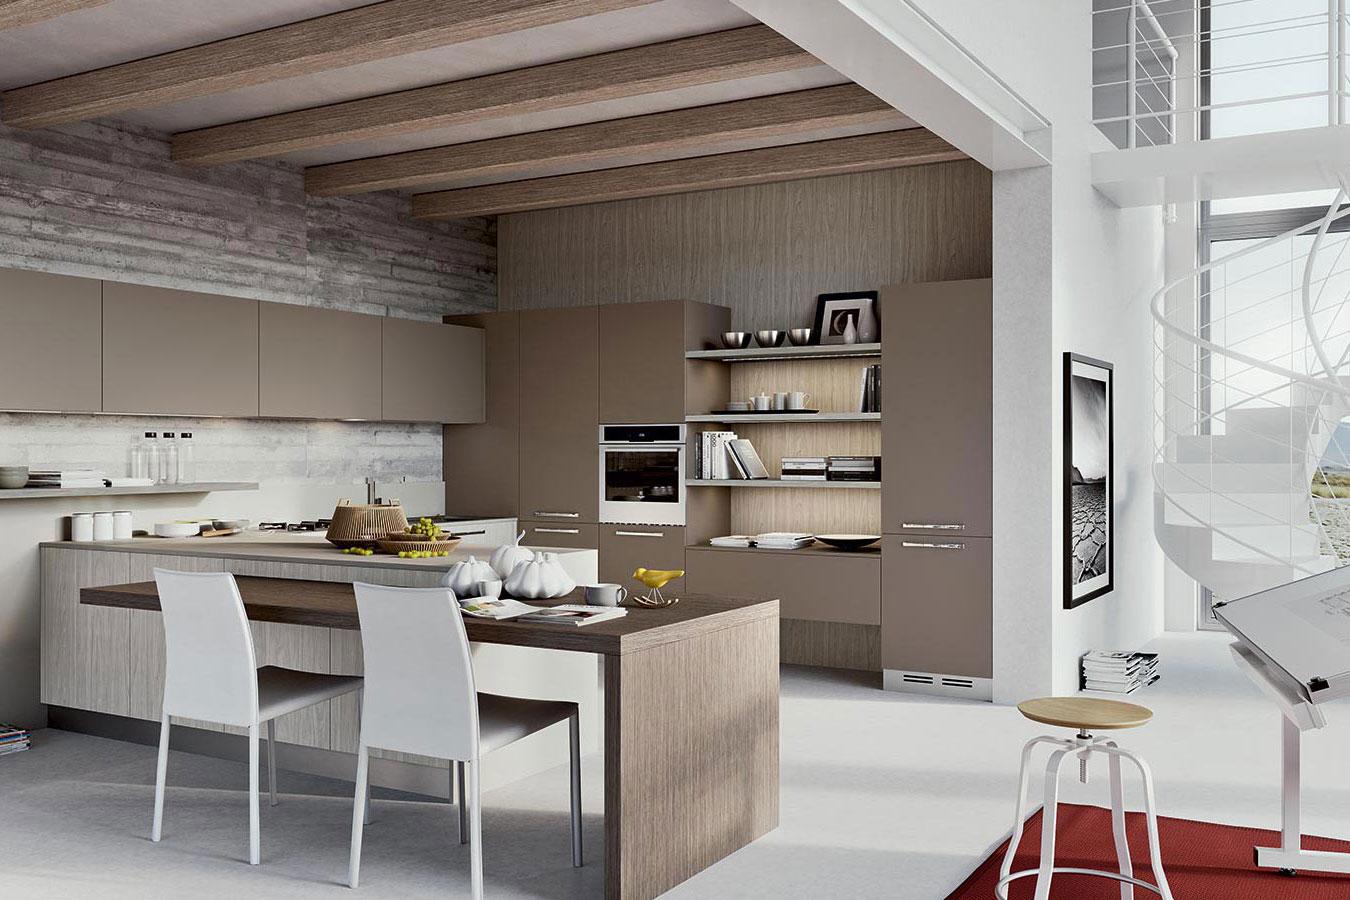 Penisola tavolo tavolo a penisola nelle cucine su misura - Altezza tavolo cucina ...